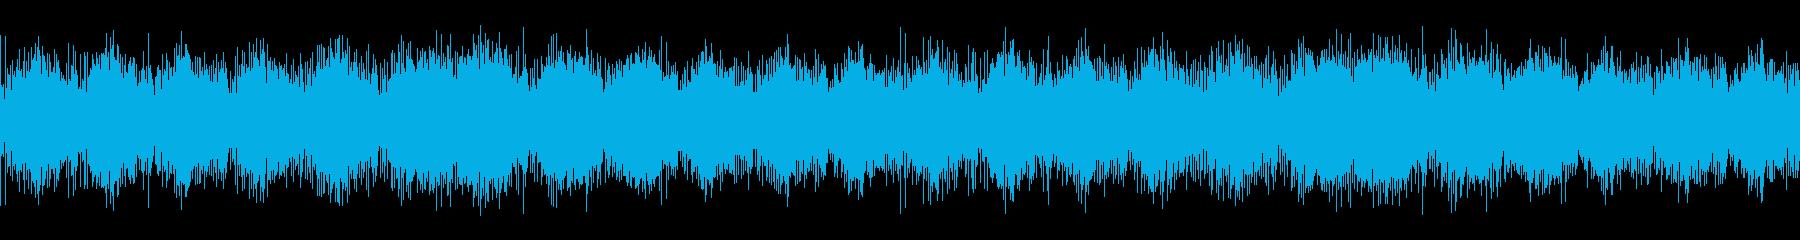 浮遊感のあるアンビエント+エピックの再生済みの波形